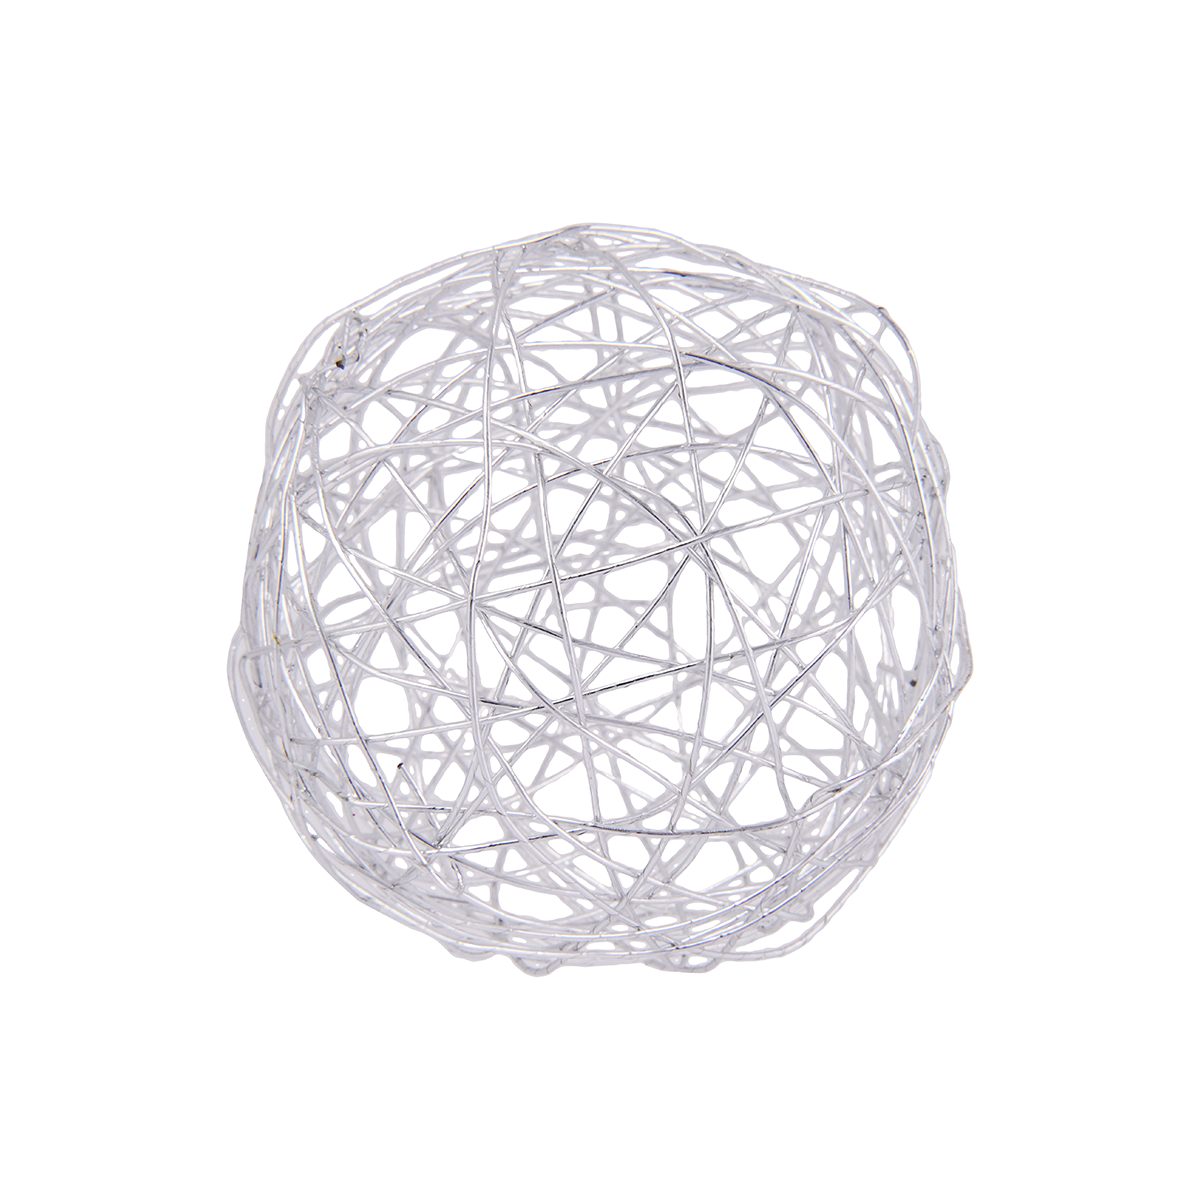 3in Decorative Wire Ball